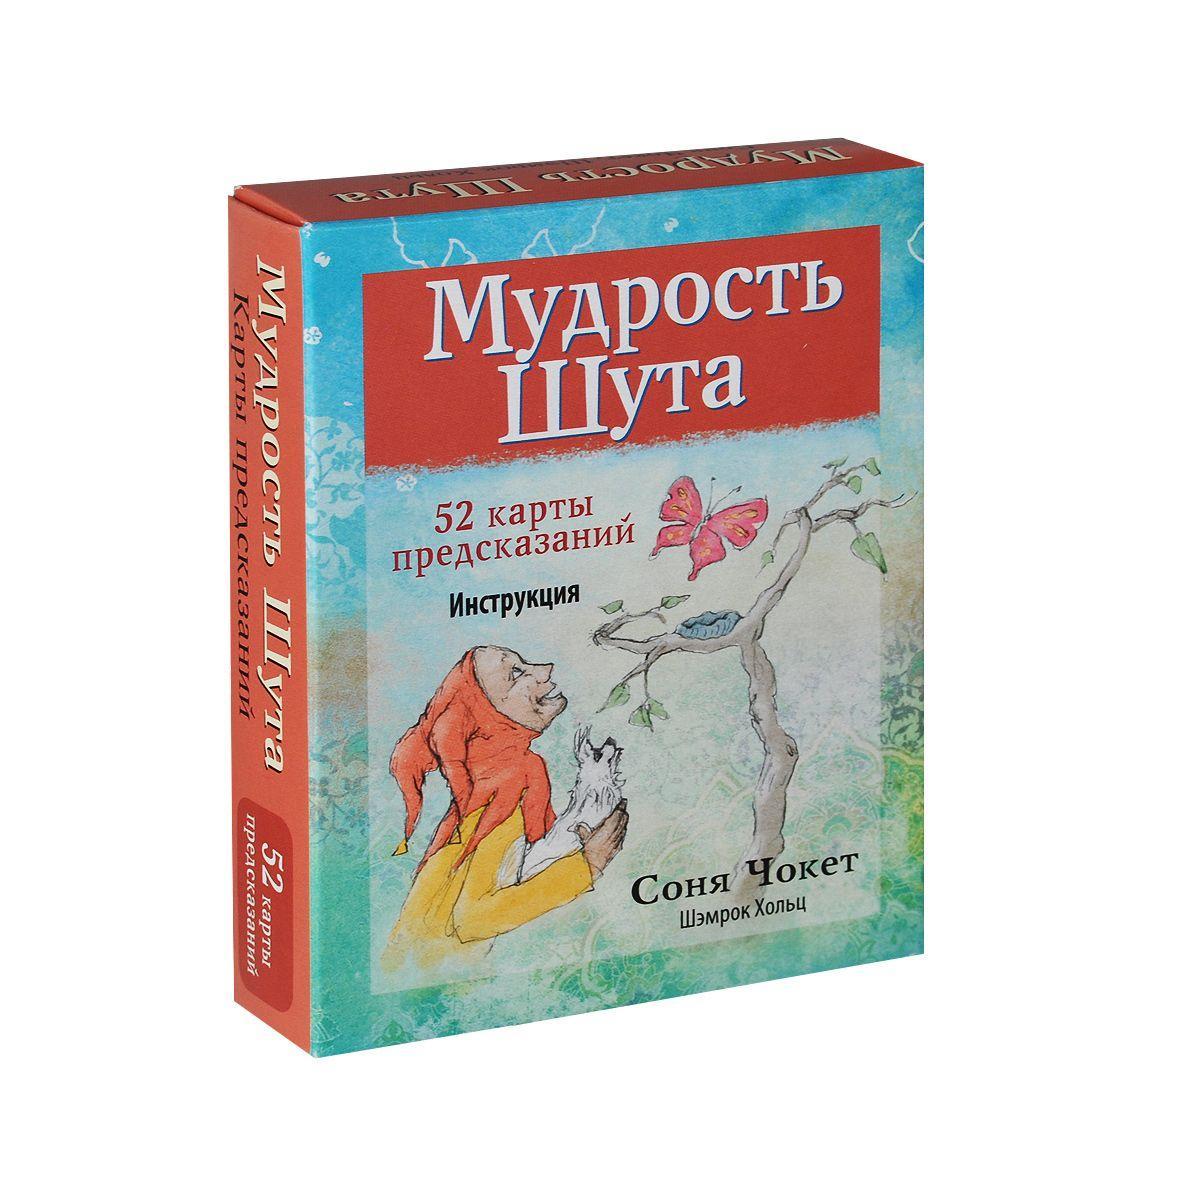 Мудрость Шута (набор из 52 карт + брошюра с инструкцией).  Хольц Шэмрок , Чукетт Сониа , Петкевич Ю.